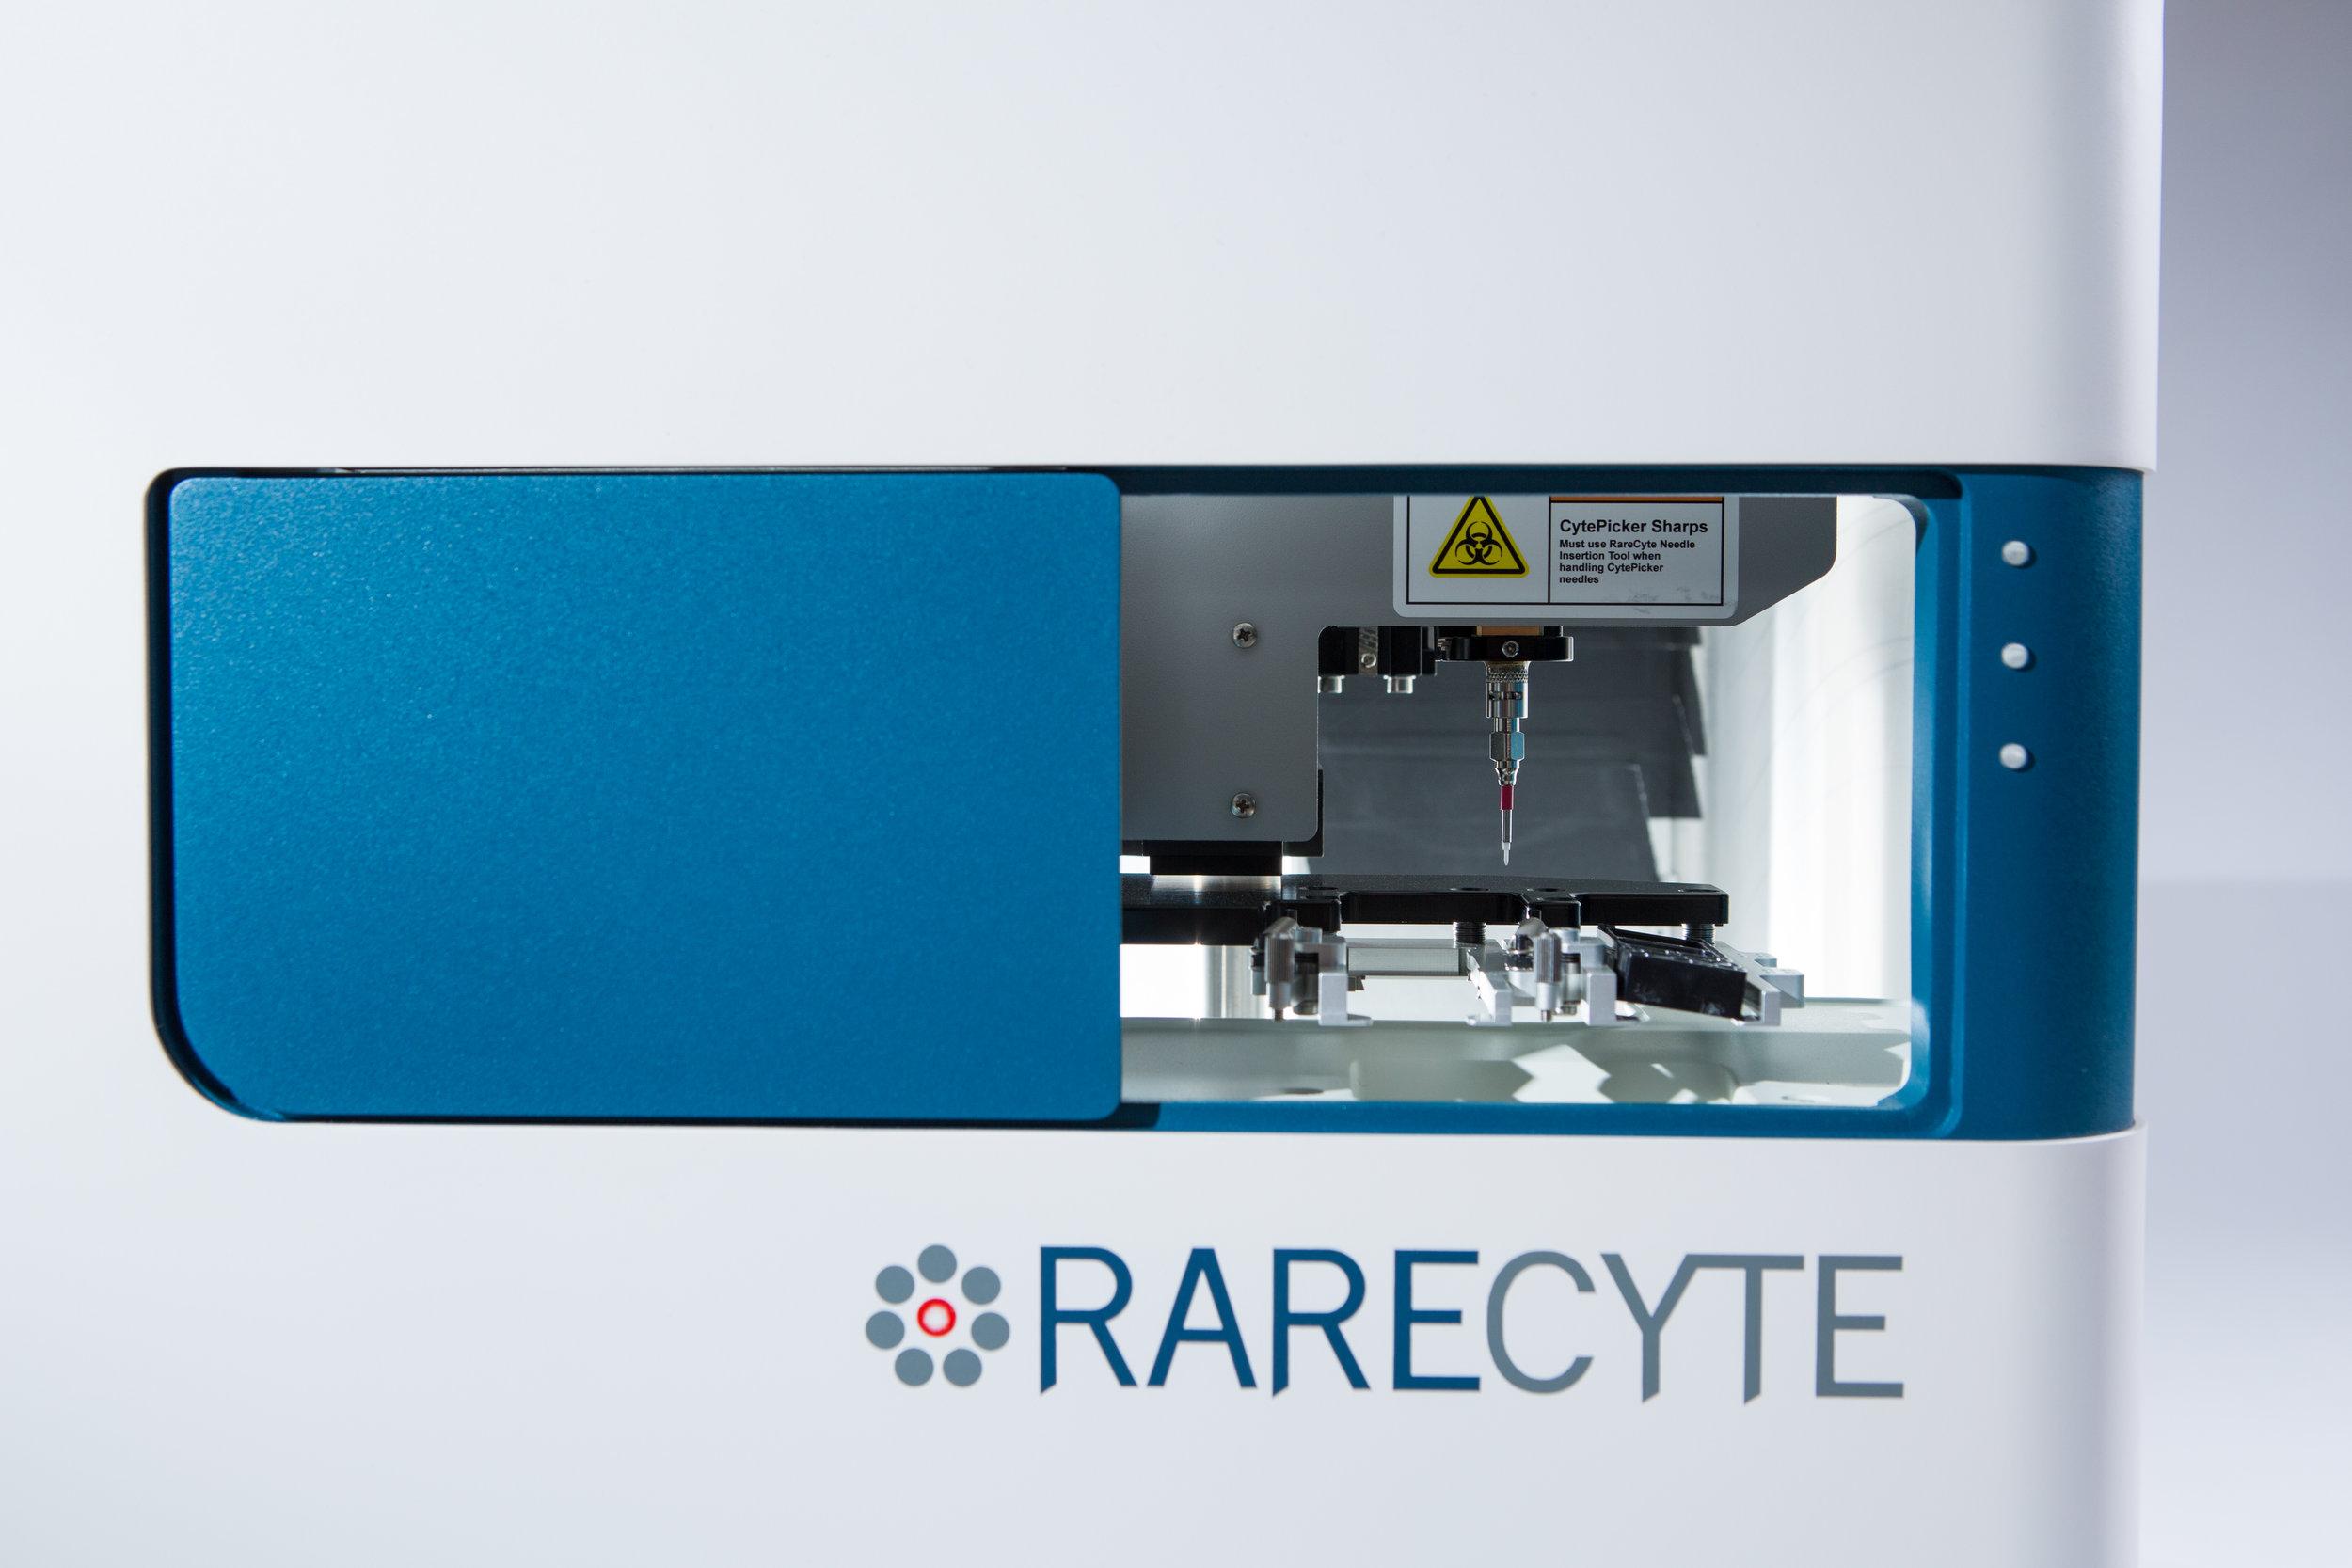 Rarectye-02.jpg